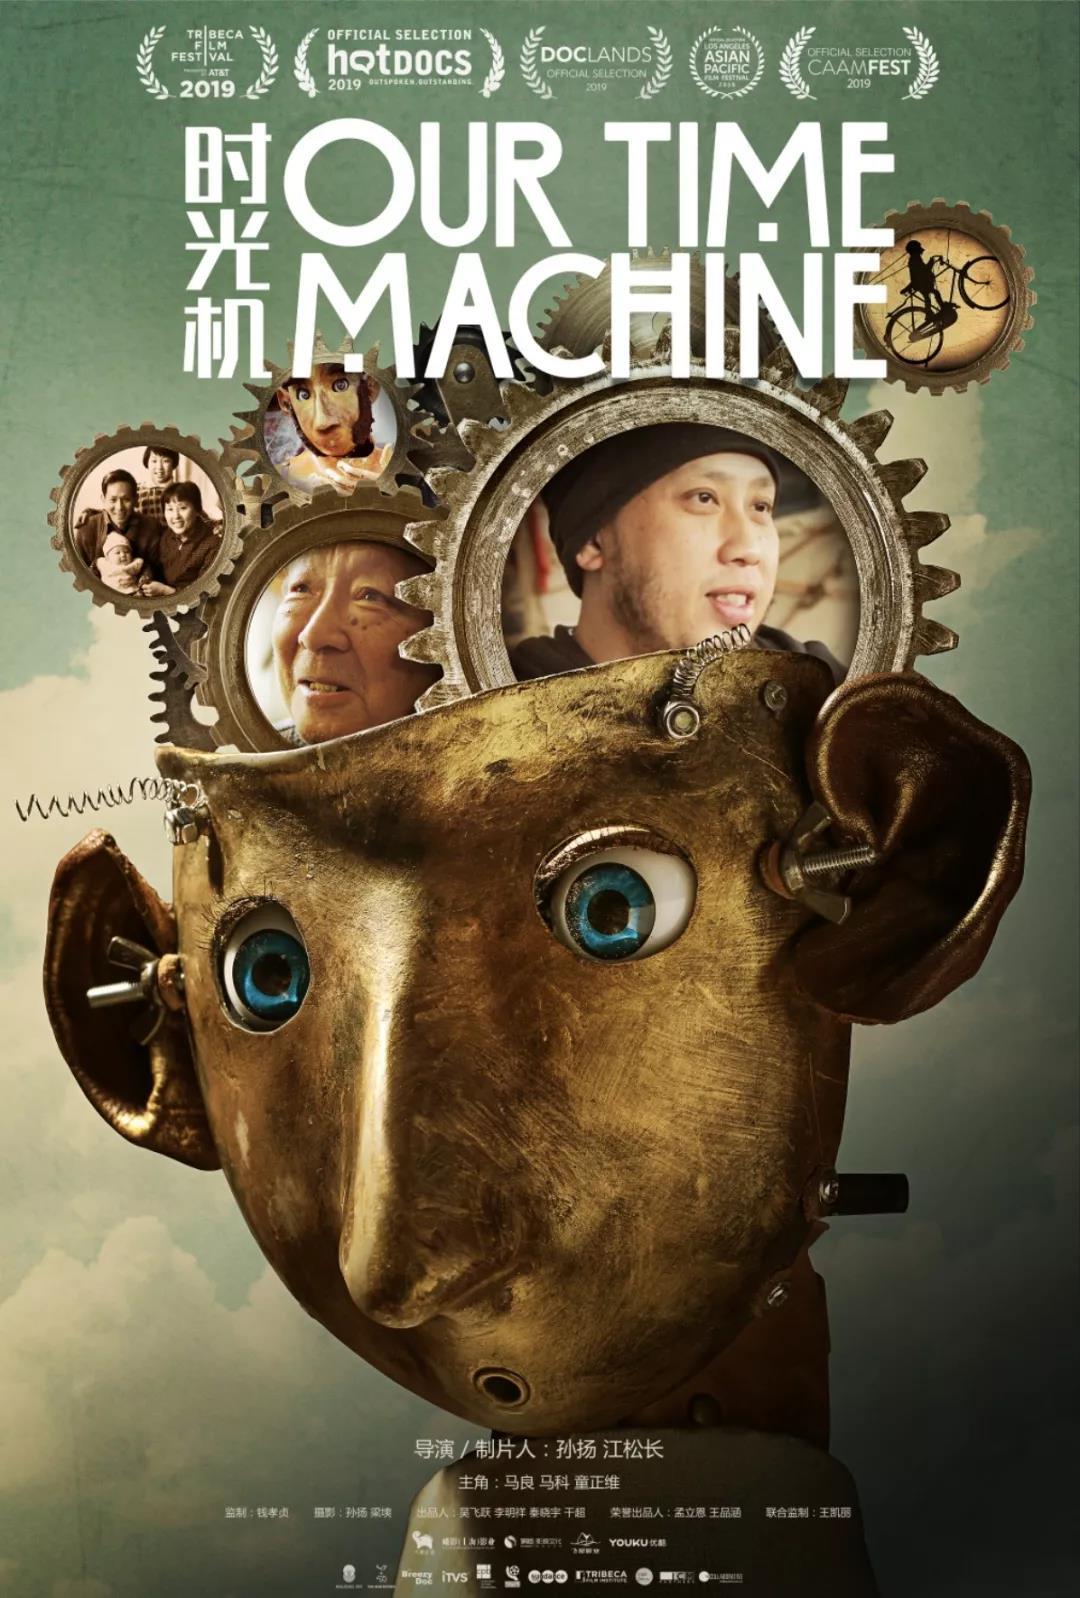 《时光机》 Our Time Machine 导演:孙杨、江松长 制片国家/地区:中国 片长:81分钟 制片商:上海飞屋影业有限公司